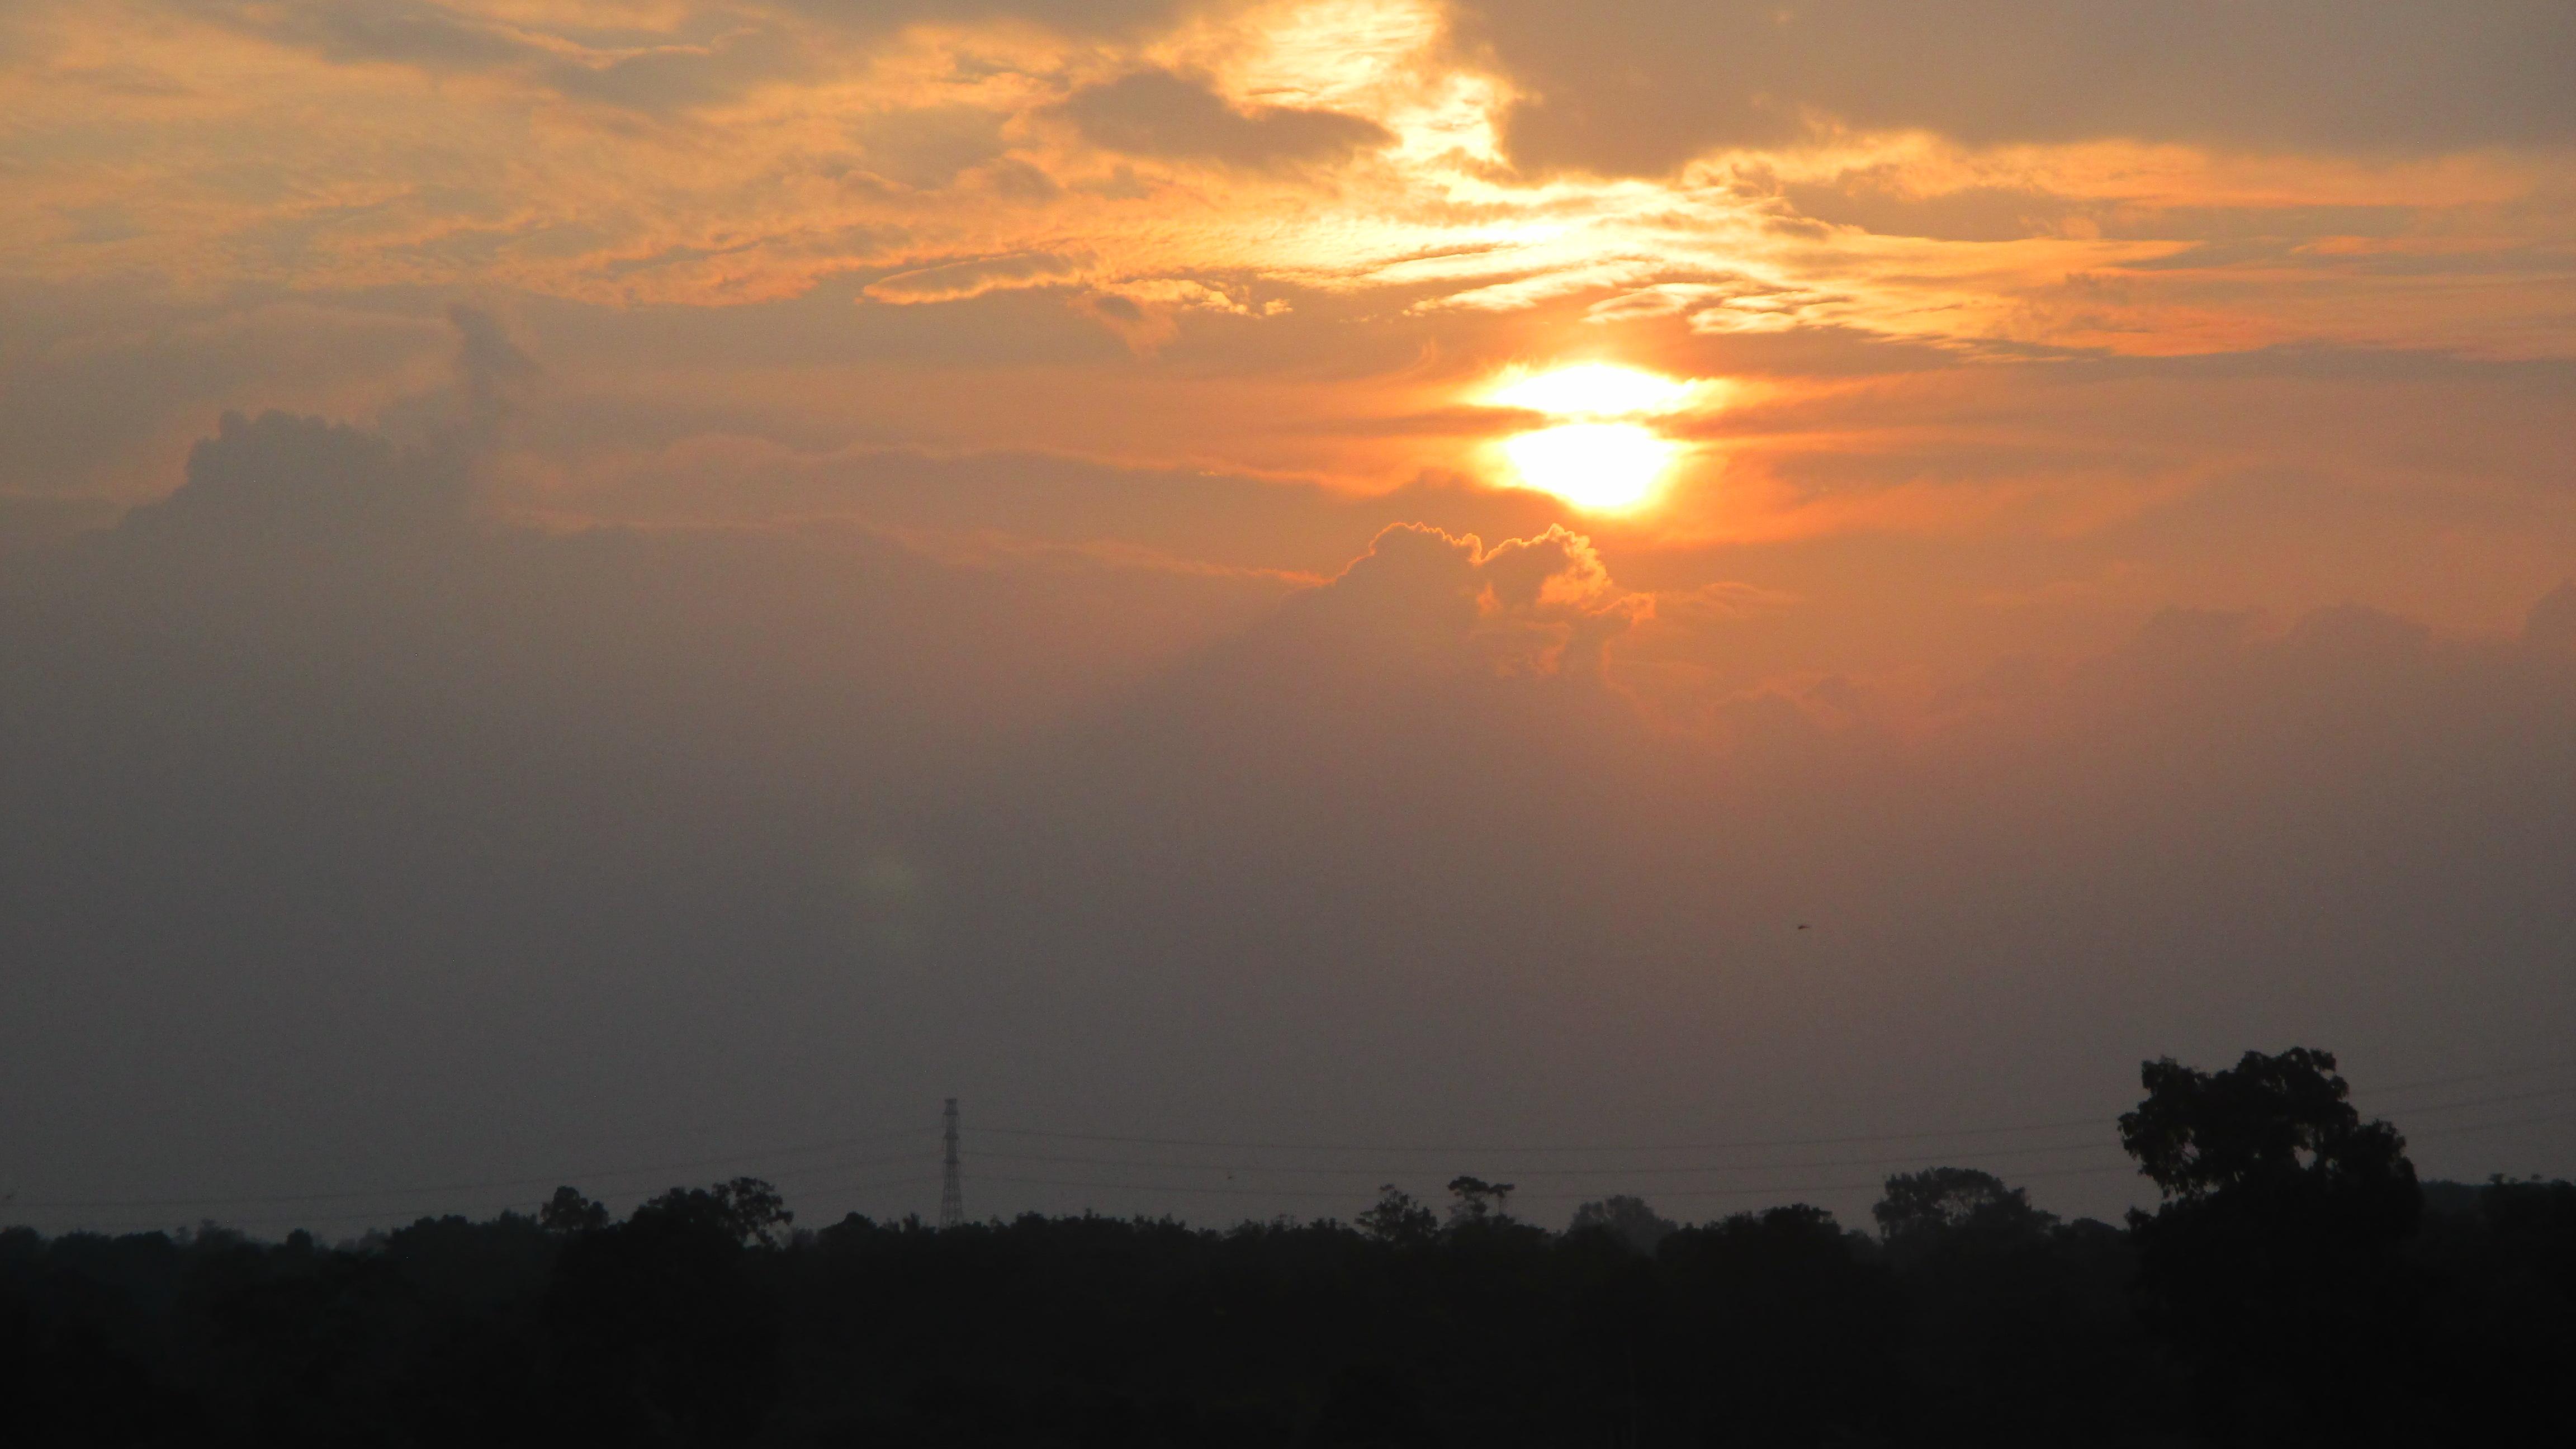 dating di taman 23 taman negara bako sumber: sarawak tourism taman negara ini adalah yang terkecil di sarawak, namun, ia menempatkan pelbagai jenis hidupan liar termasuklah monyet belanda yang memiliki.